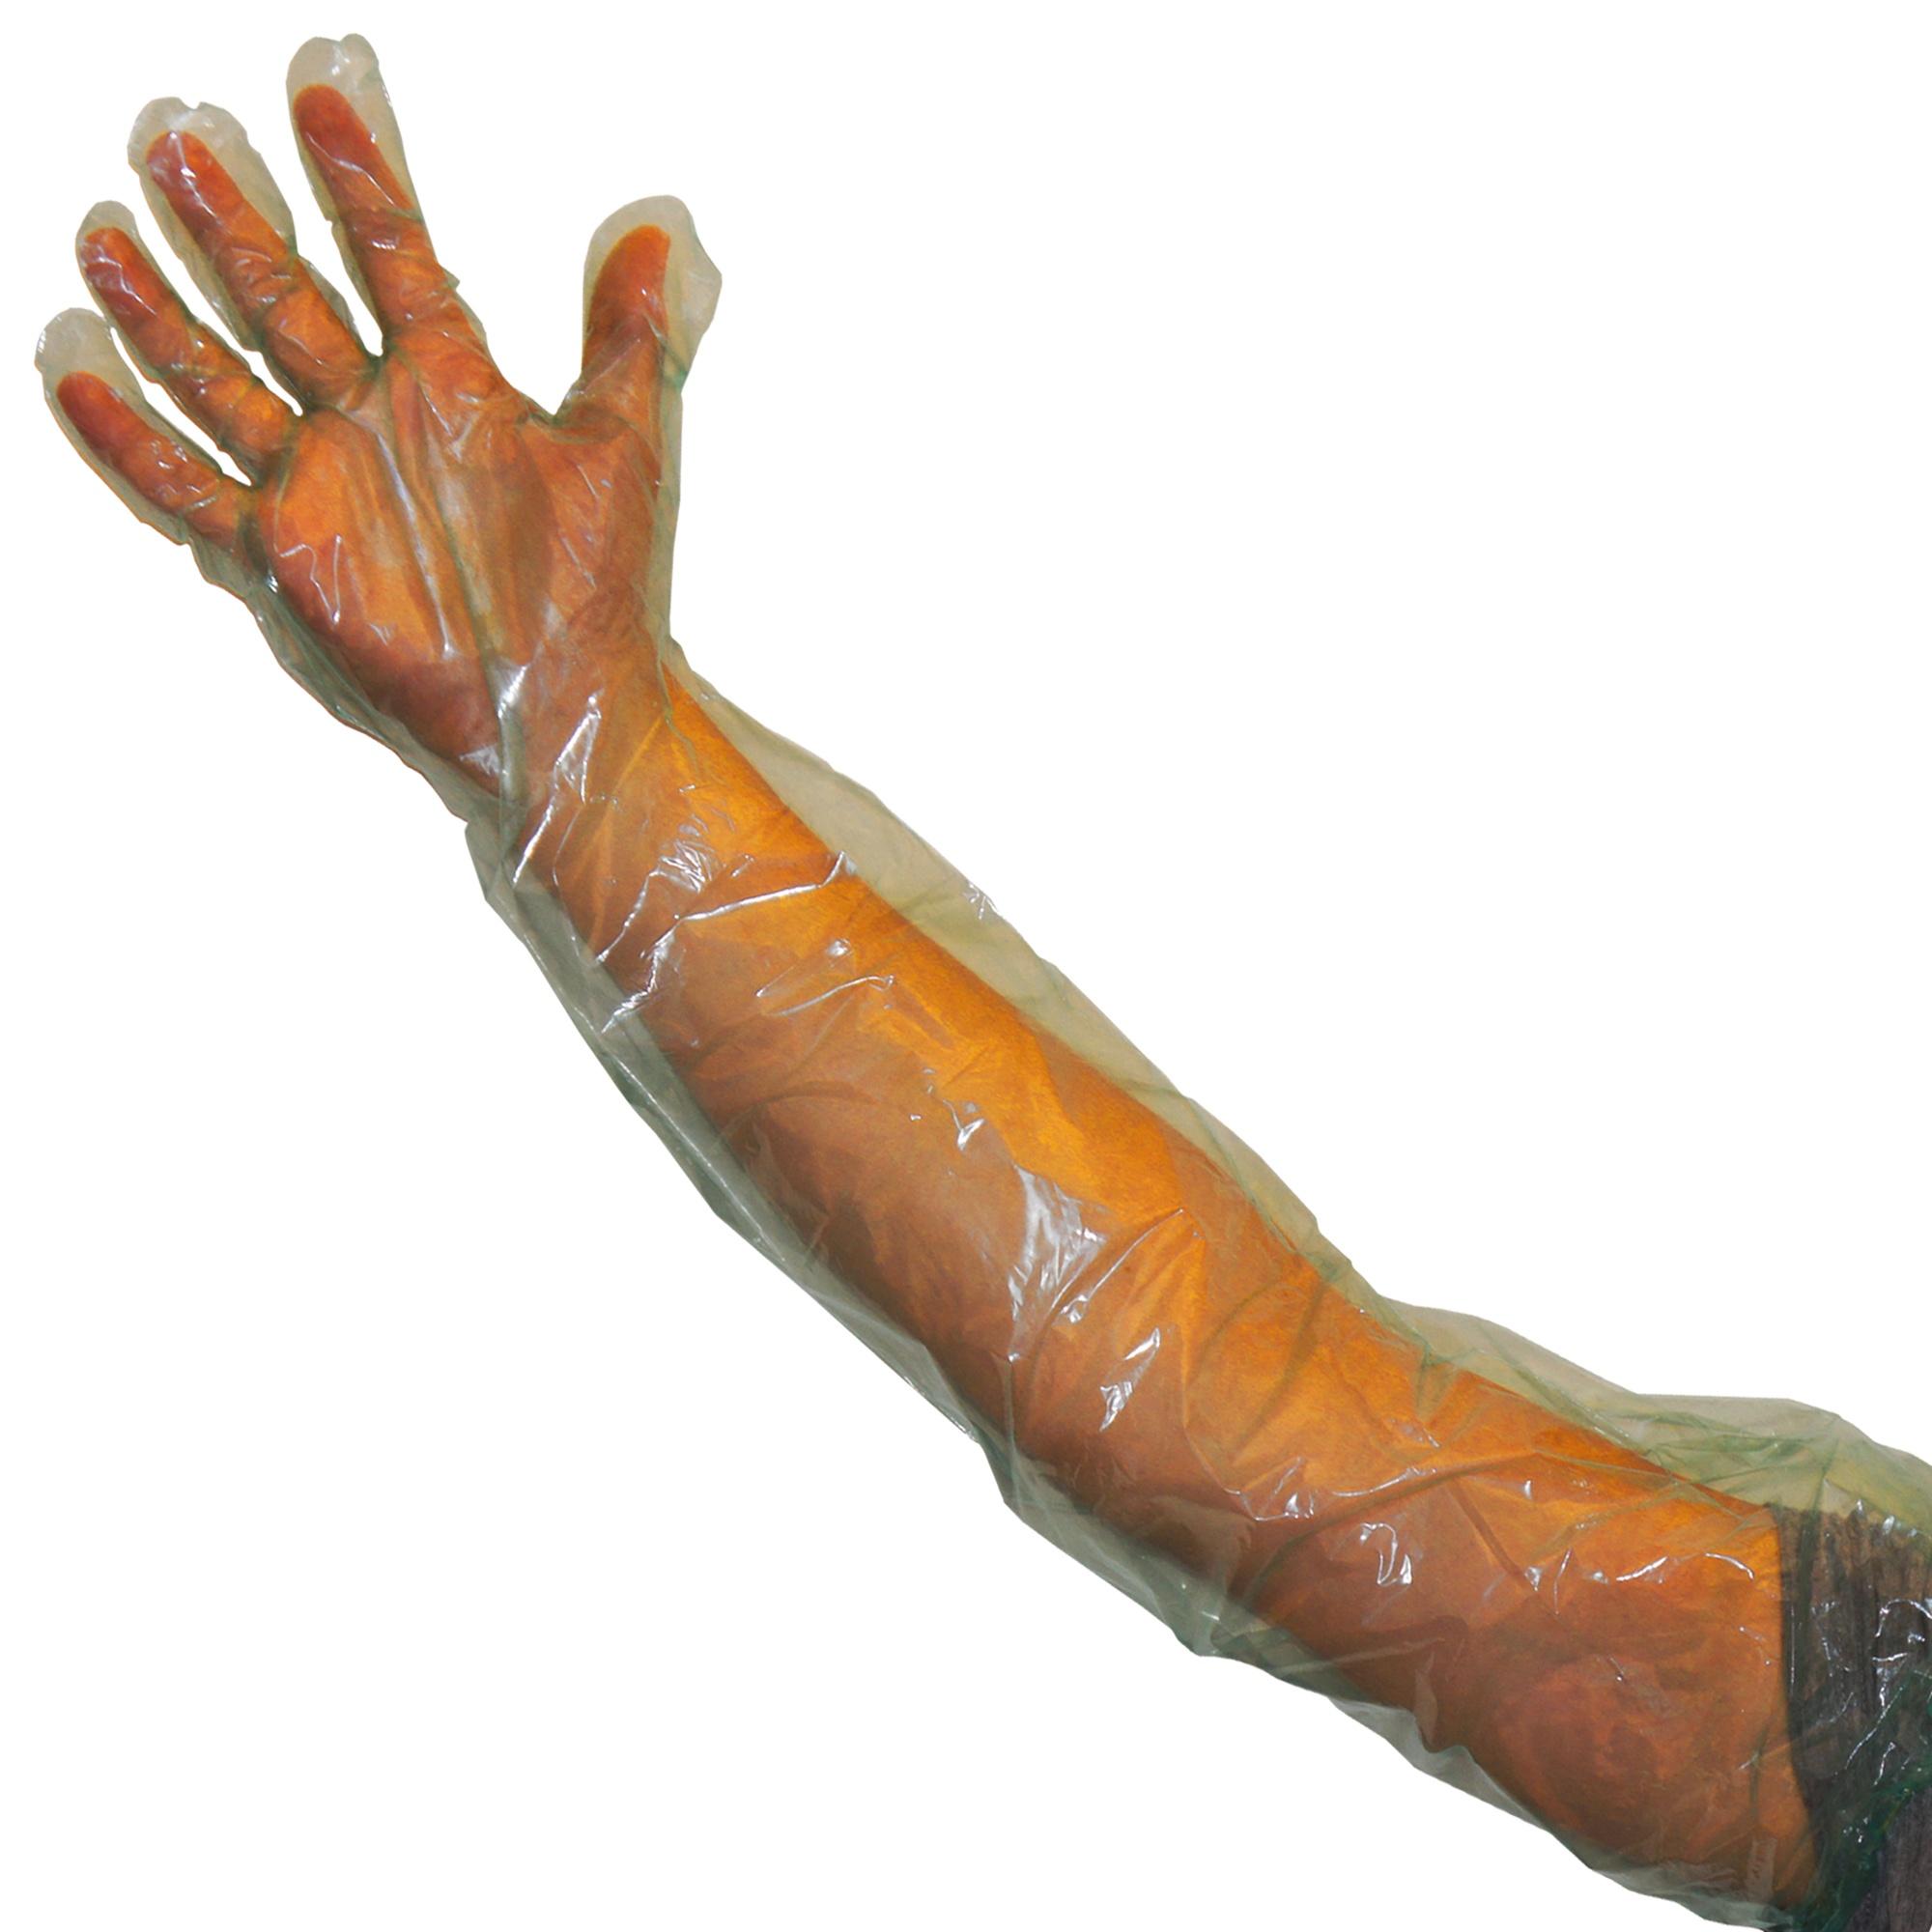 PE-Schutzhandschuhe für Reinigungsarbeiten Image